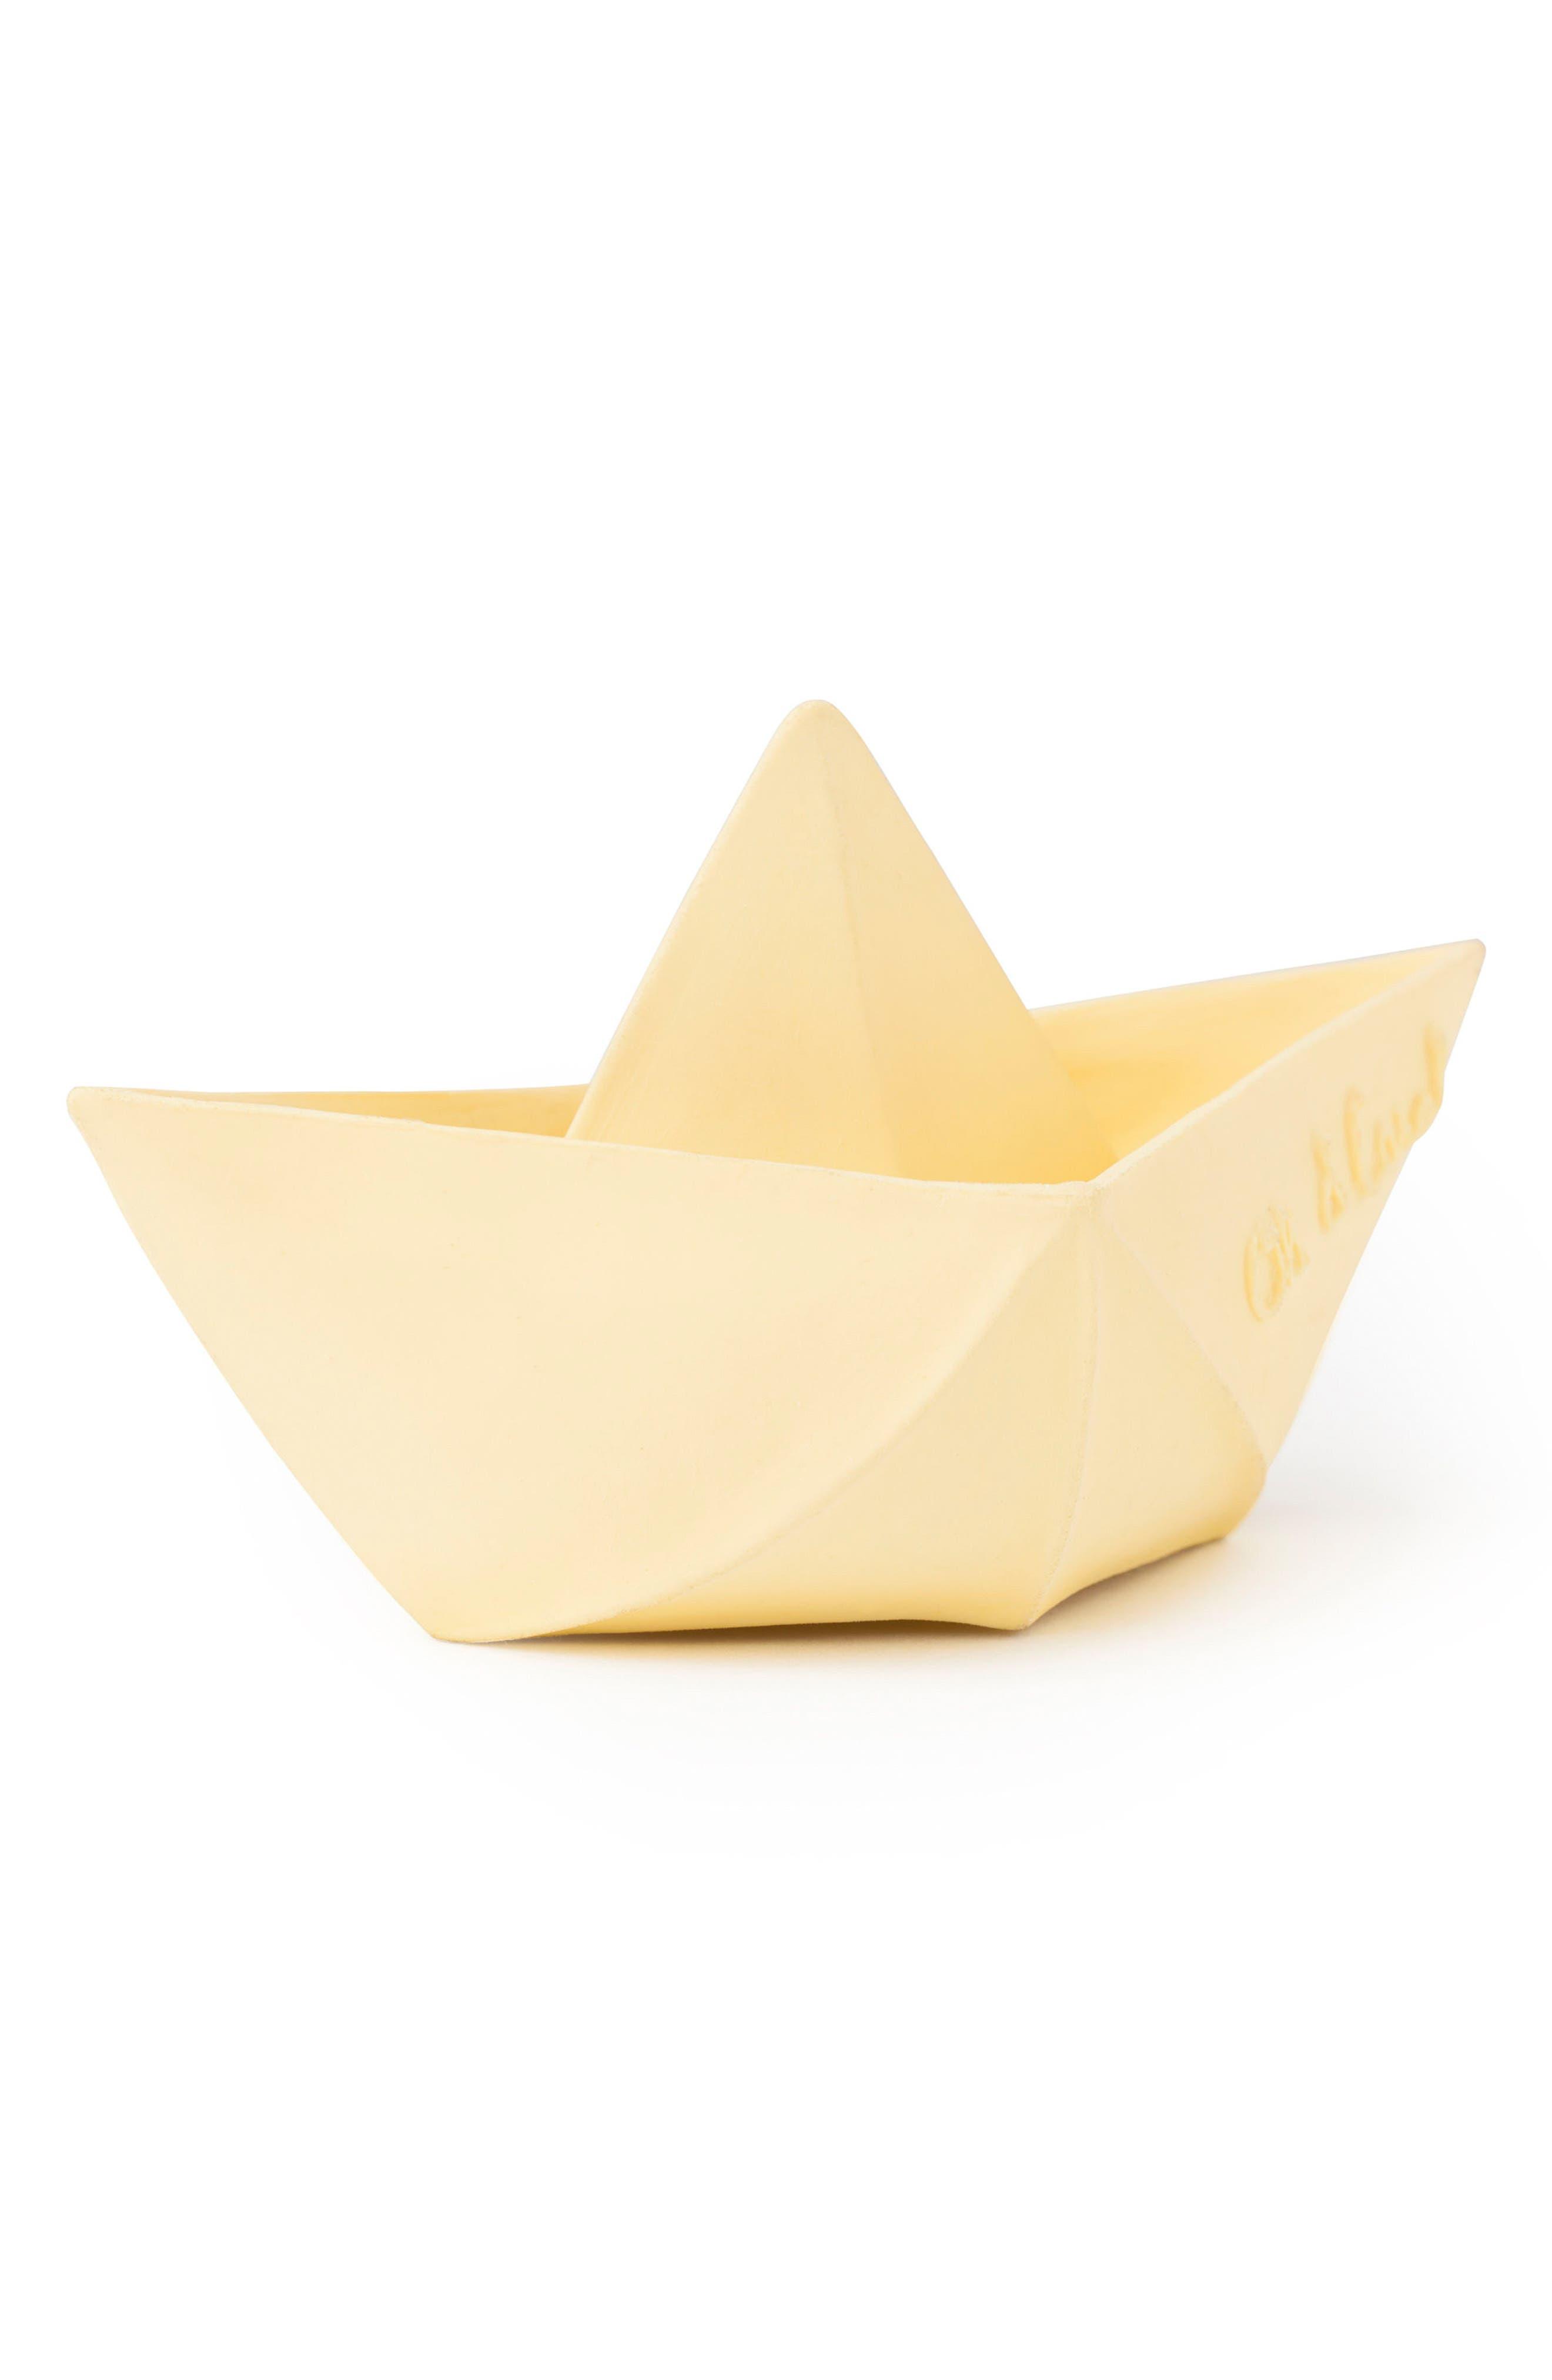 Oli & Carol Origami Boat Bath Toy